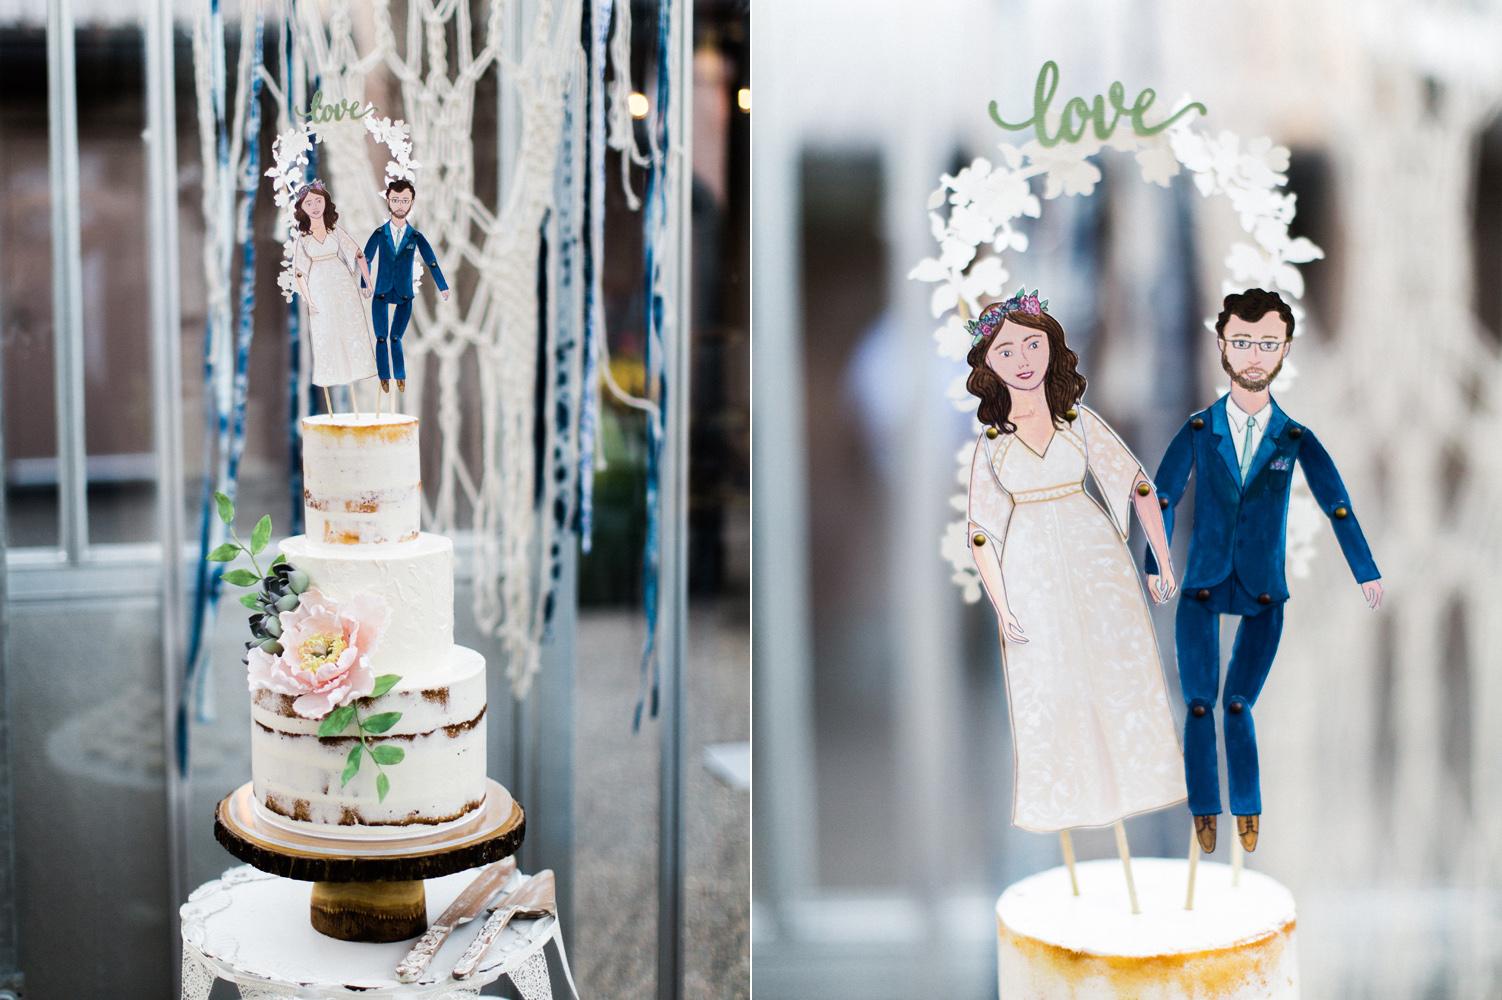 Wedding Cake at the University of Washington by Honey Crumb Cake Studio